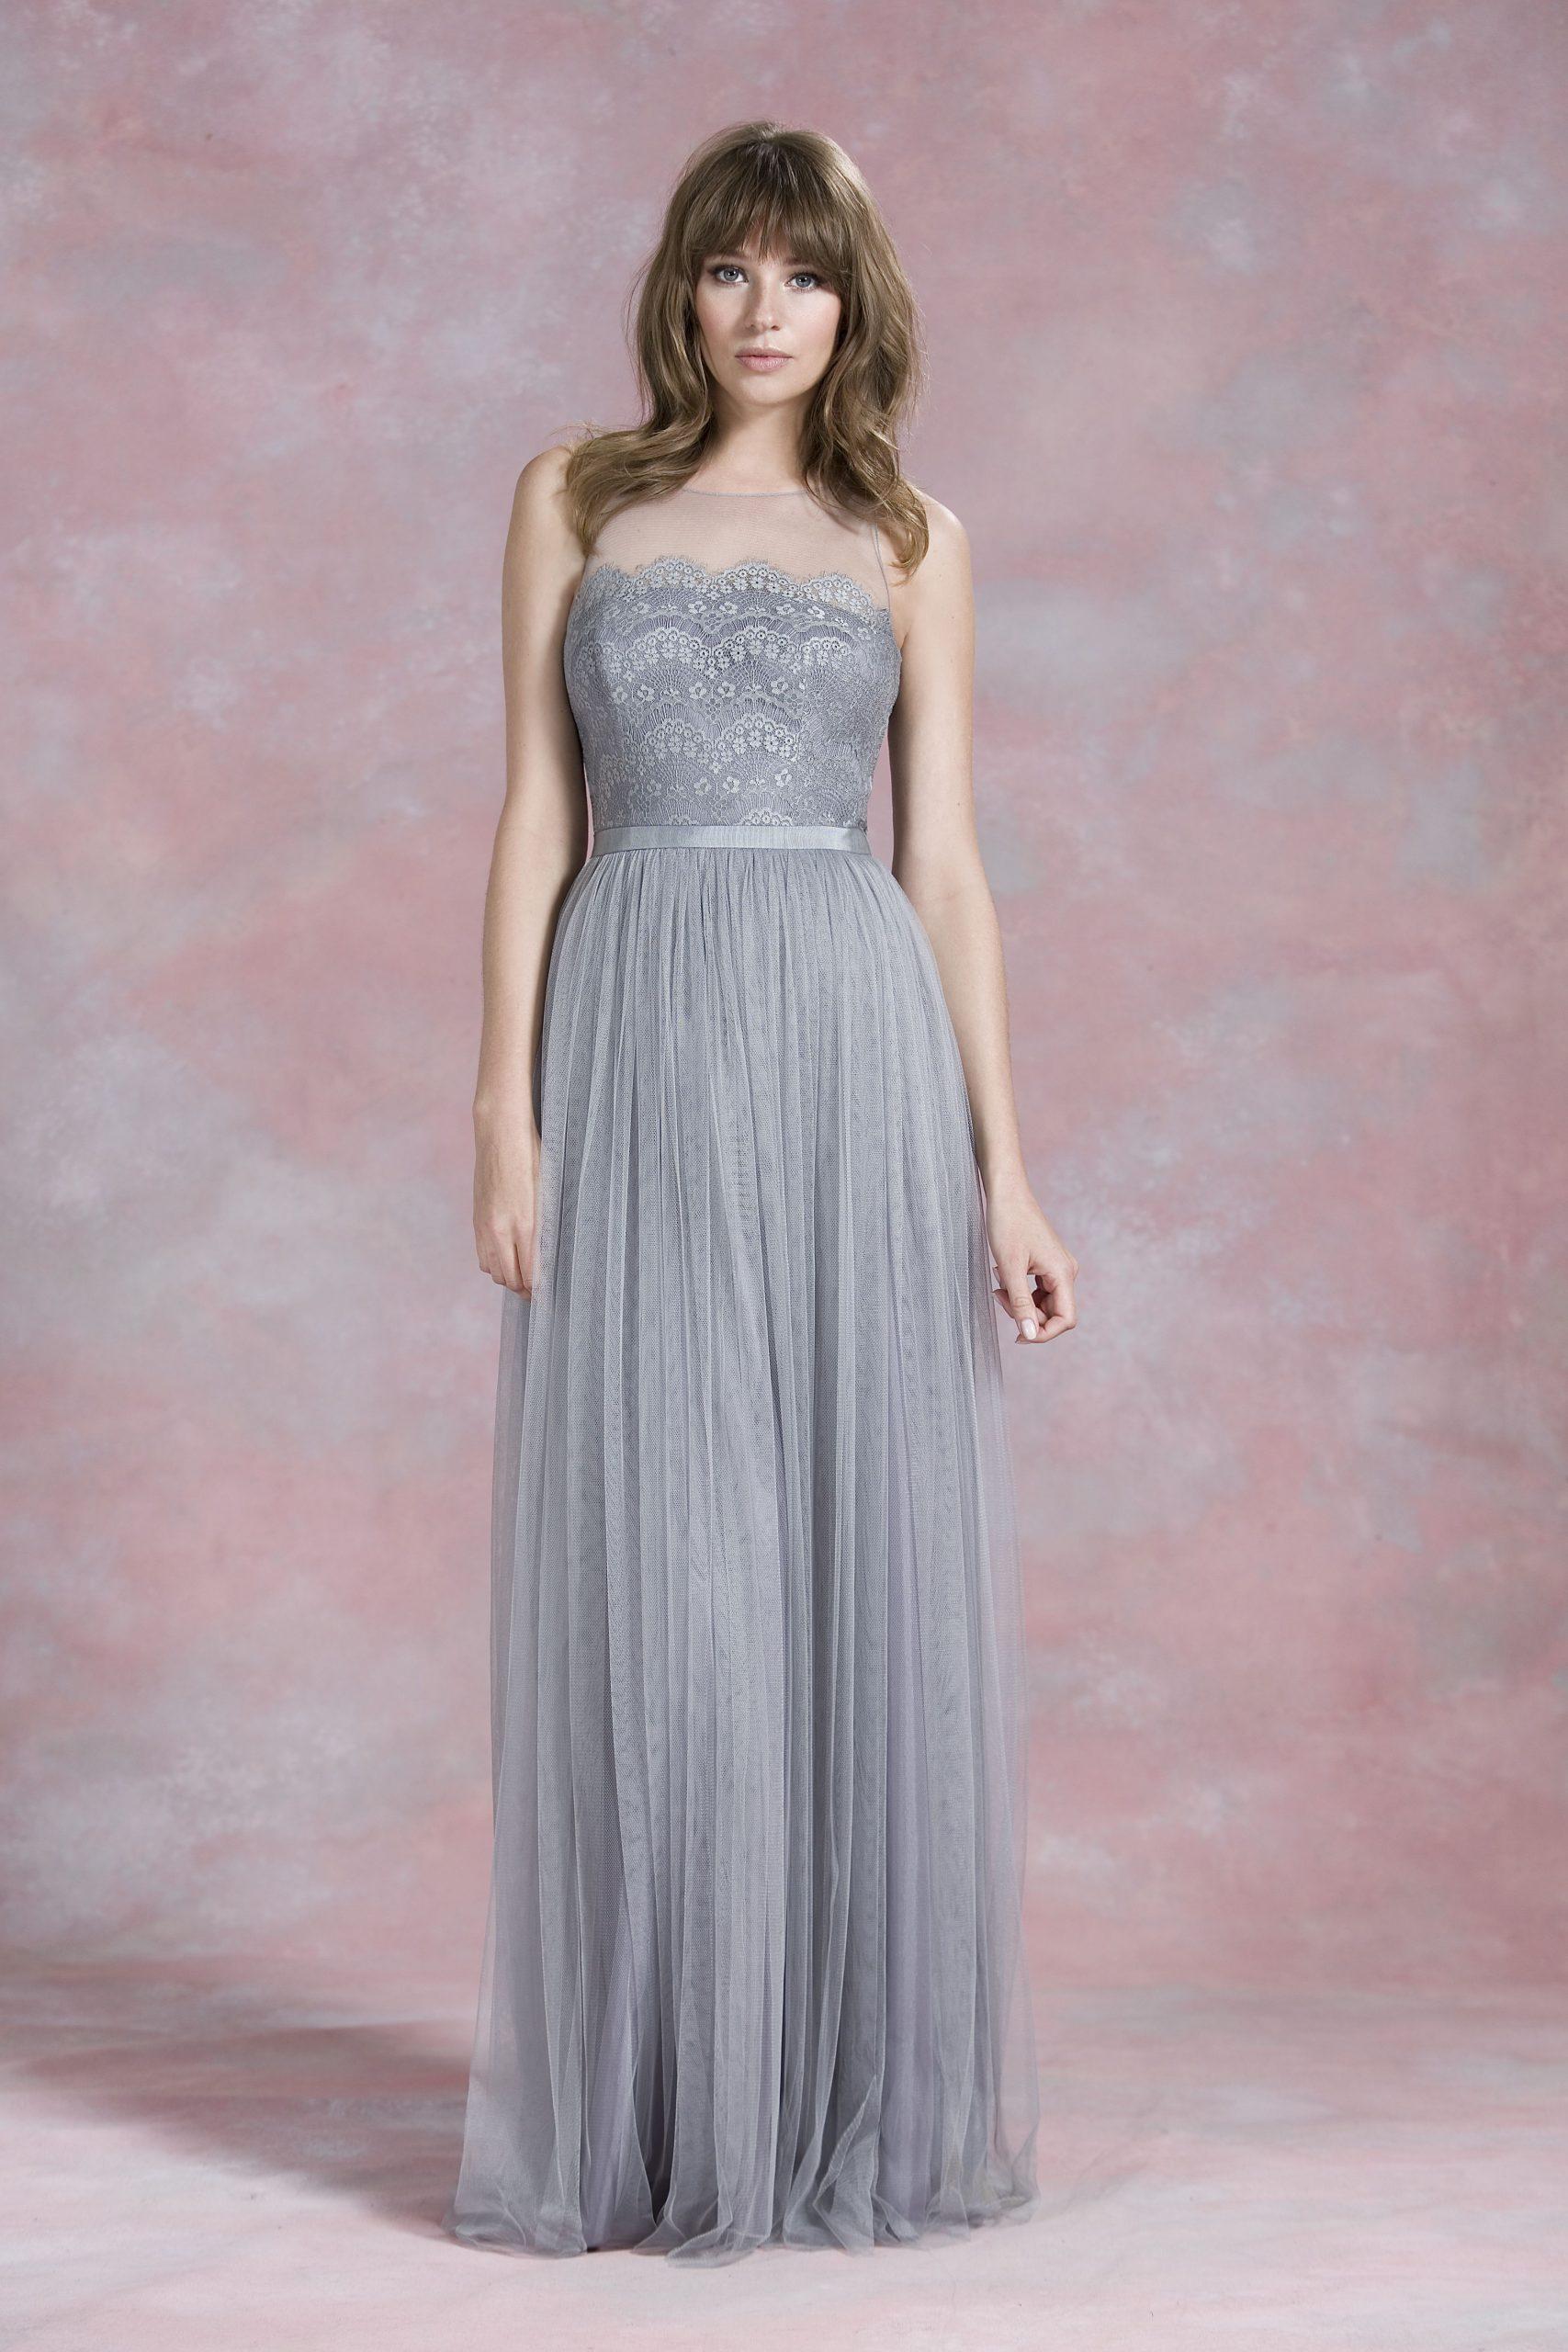 Graues Langes Kleid Für Trauzeugin Oder Brautjungfer  Von